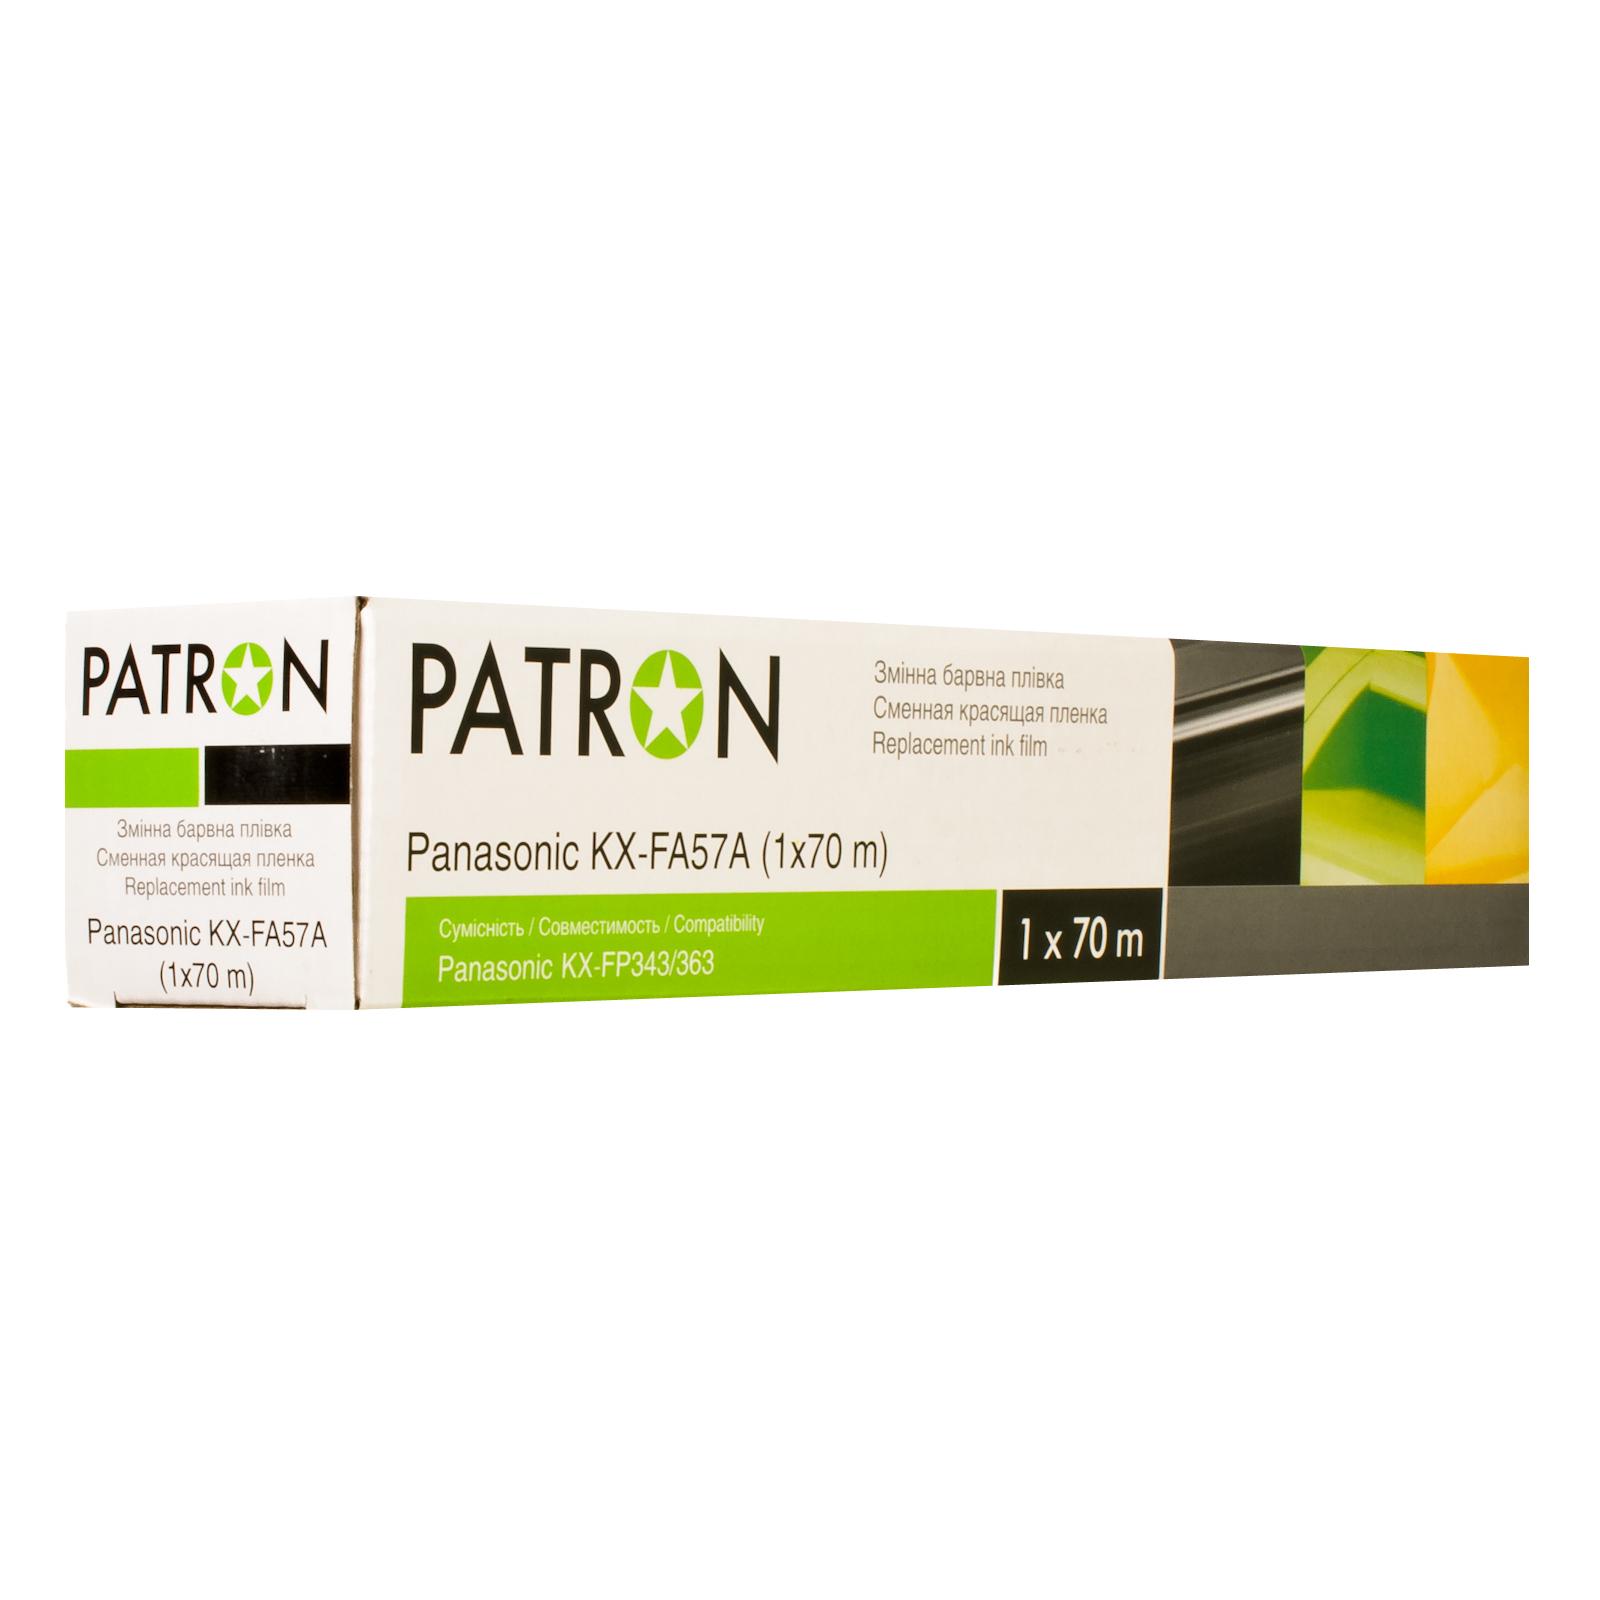 Пленка для факса PANASONIC KX-FA57A PATRON (TF-PAN-KX-FA57A-PN)